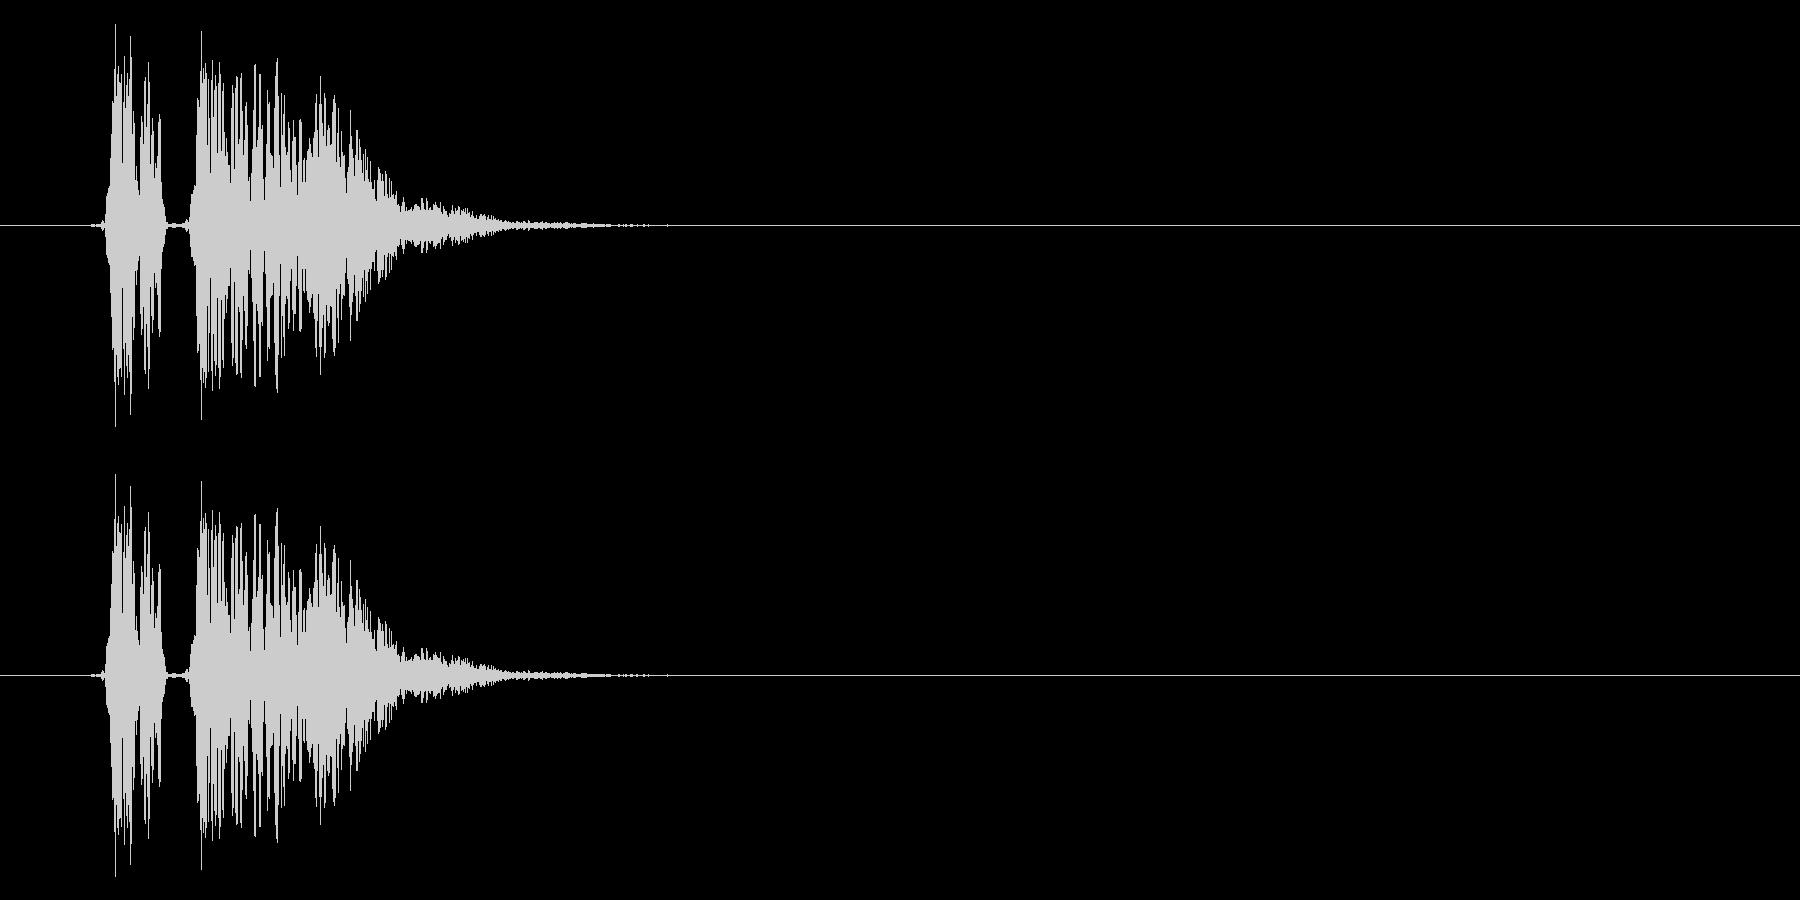 SNES 格闘05-04(ヒット)の未再生の波形